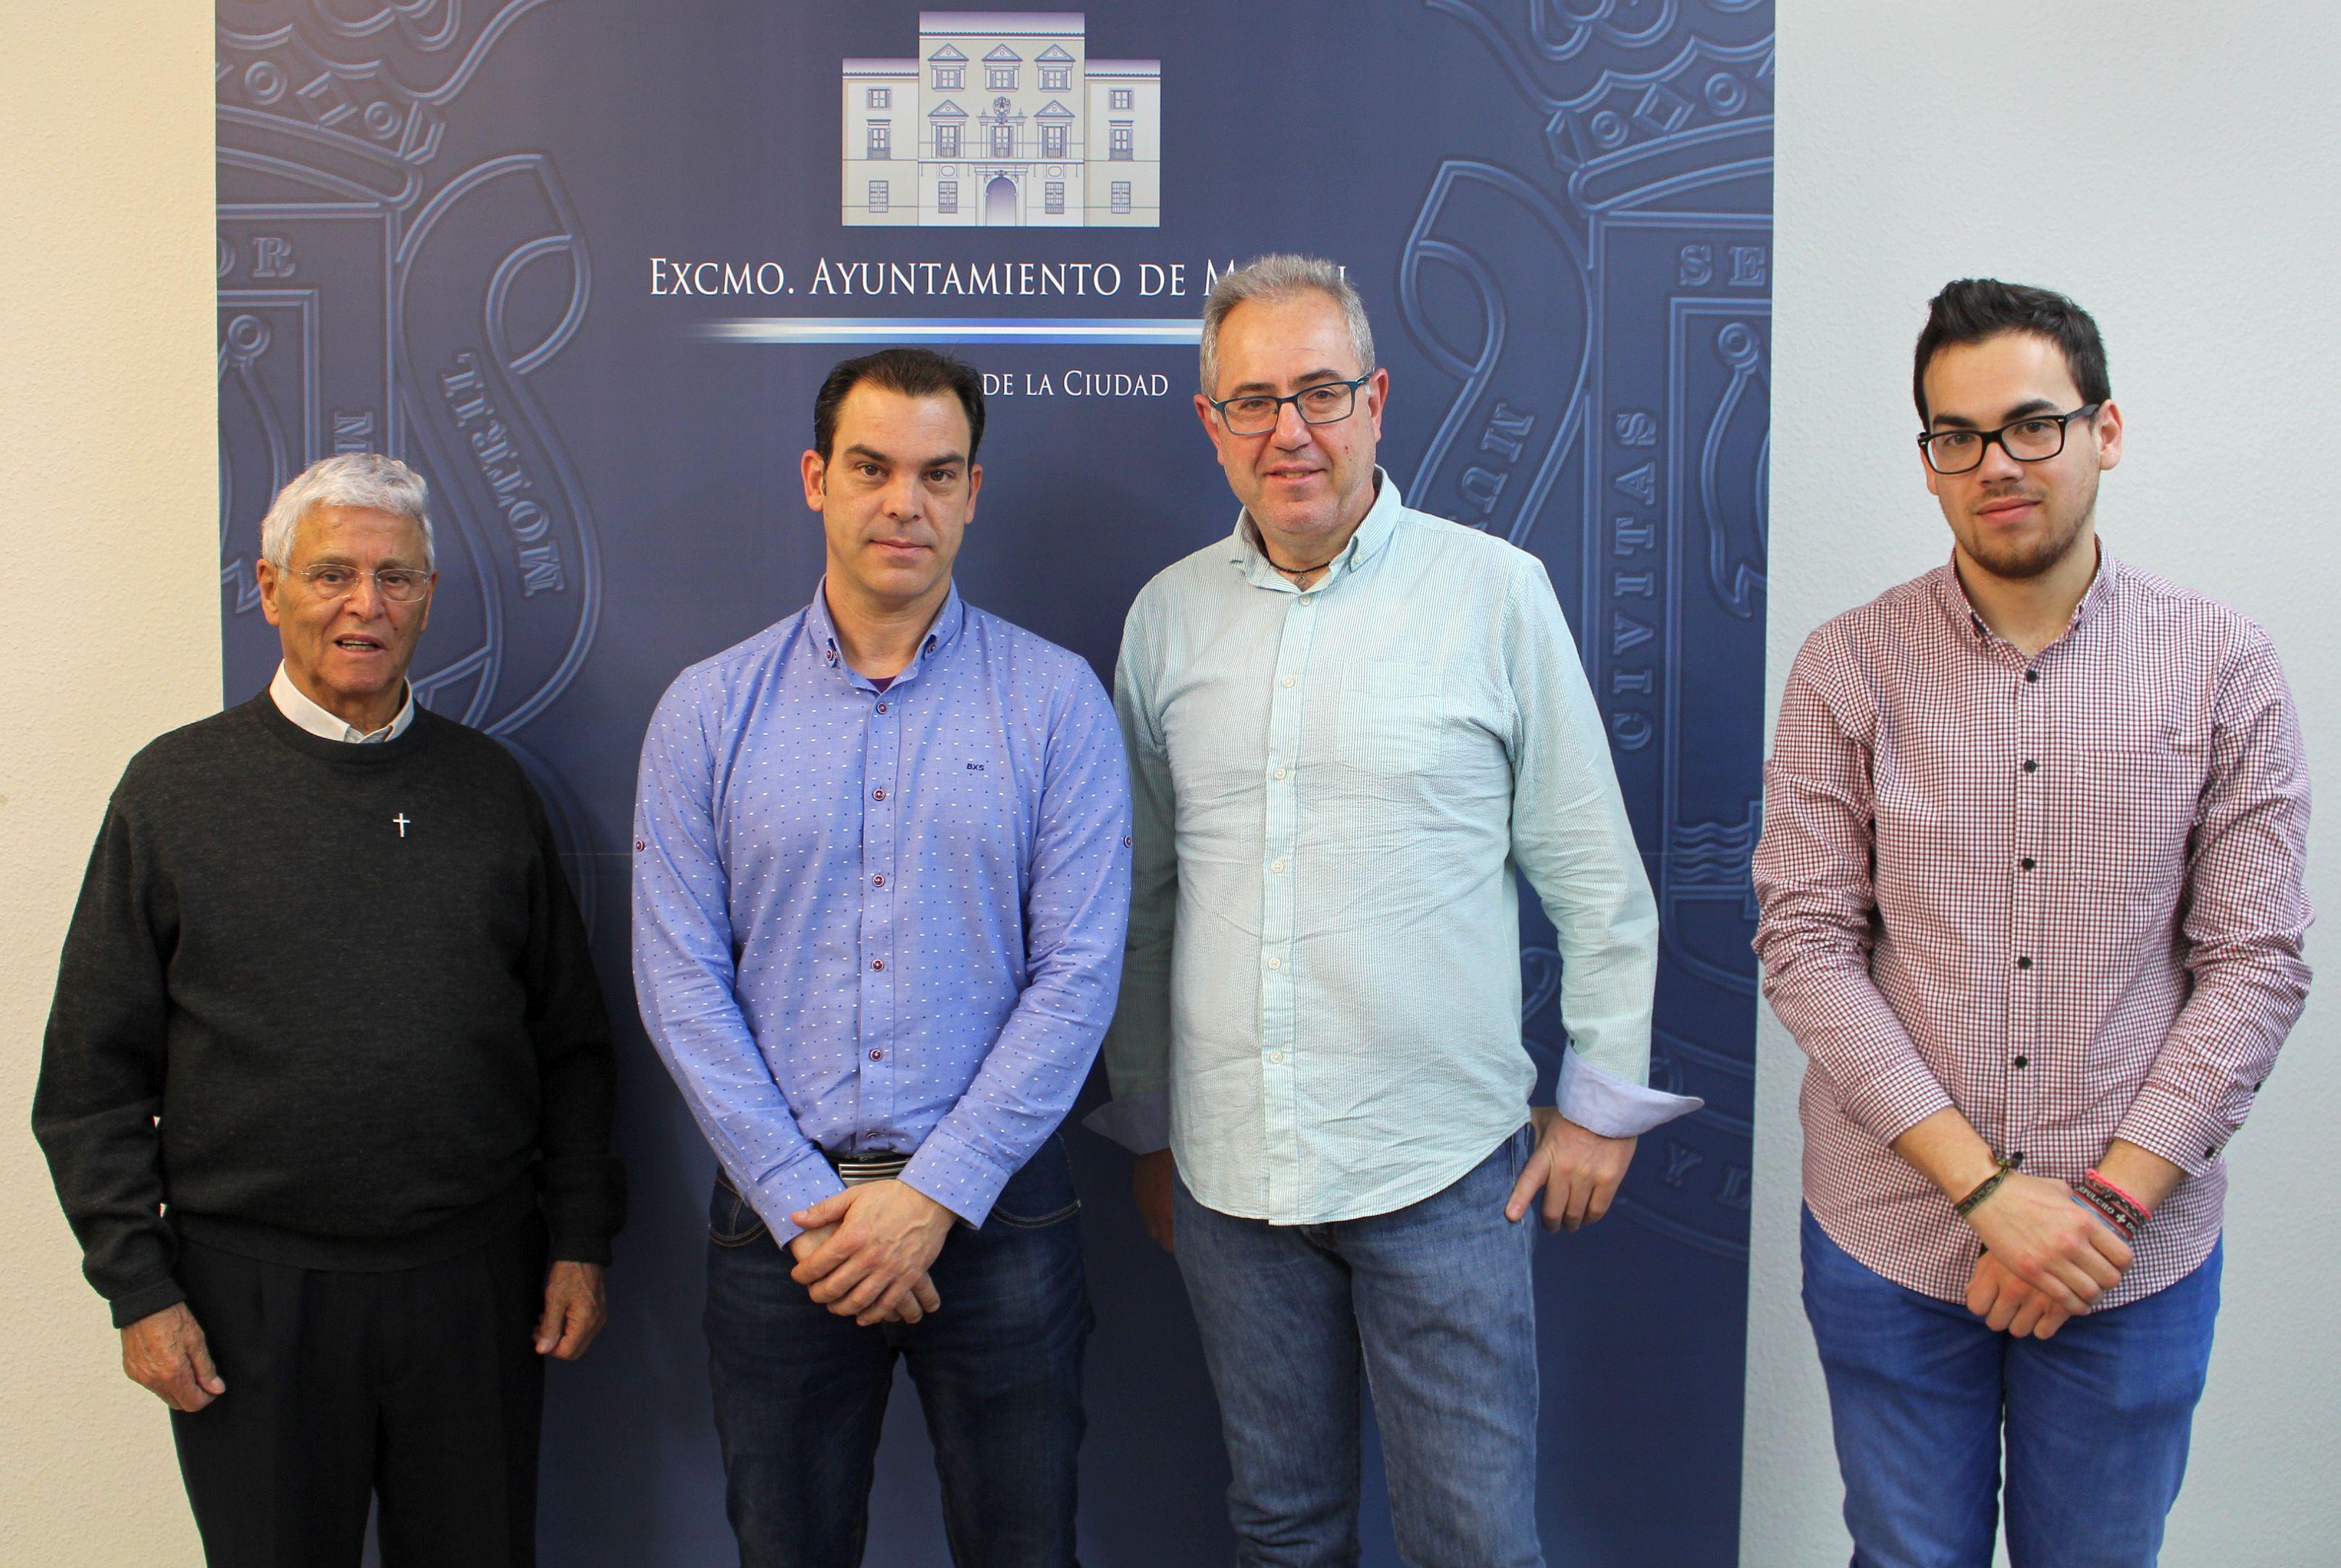 Francisco Ruiz (cntro) junto a miembros de la Hermandad en la presentación de los actos por el III Centenario de la Visitación (Foto: El Faro)